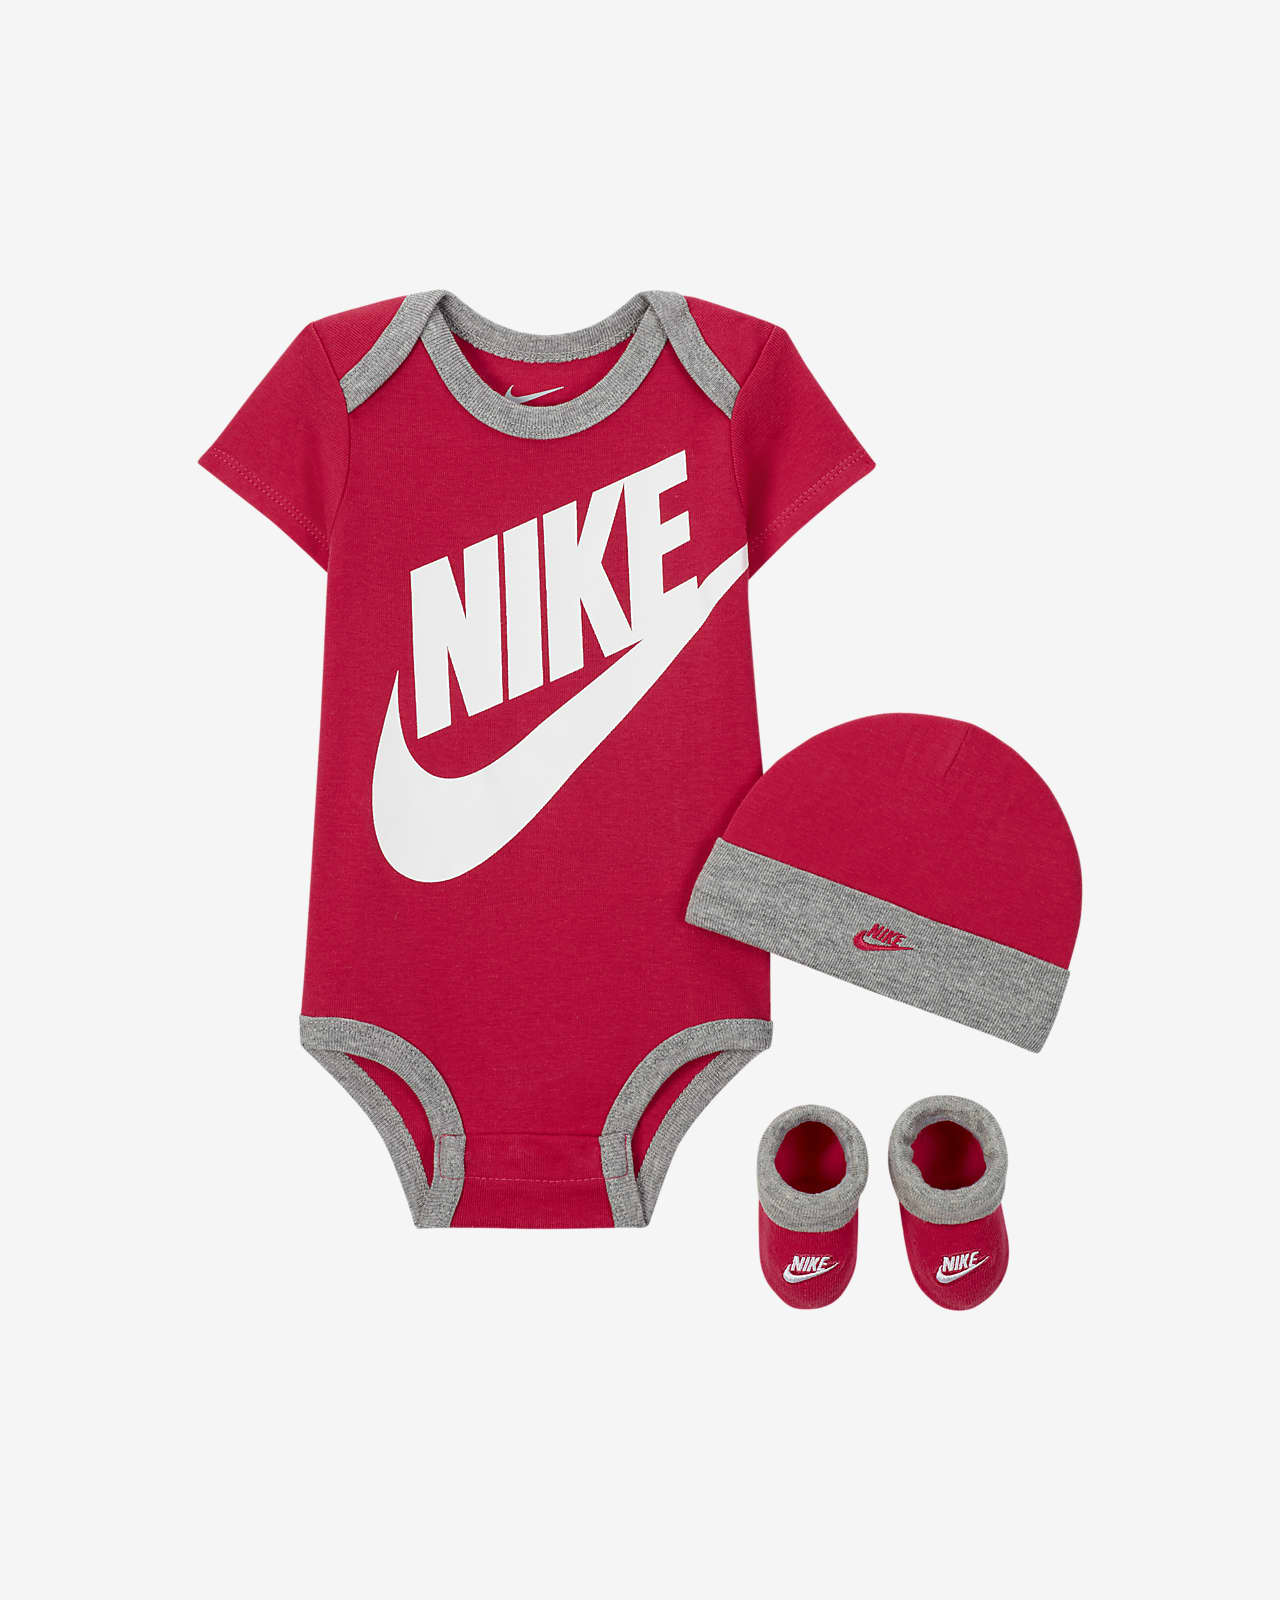 Ropa Deportiva Para Bebes Nike 65 Descuento Bosca Ec